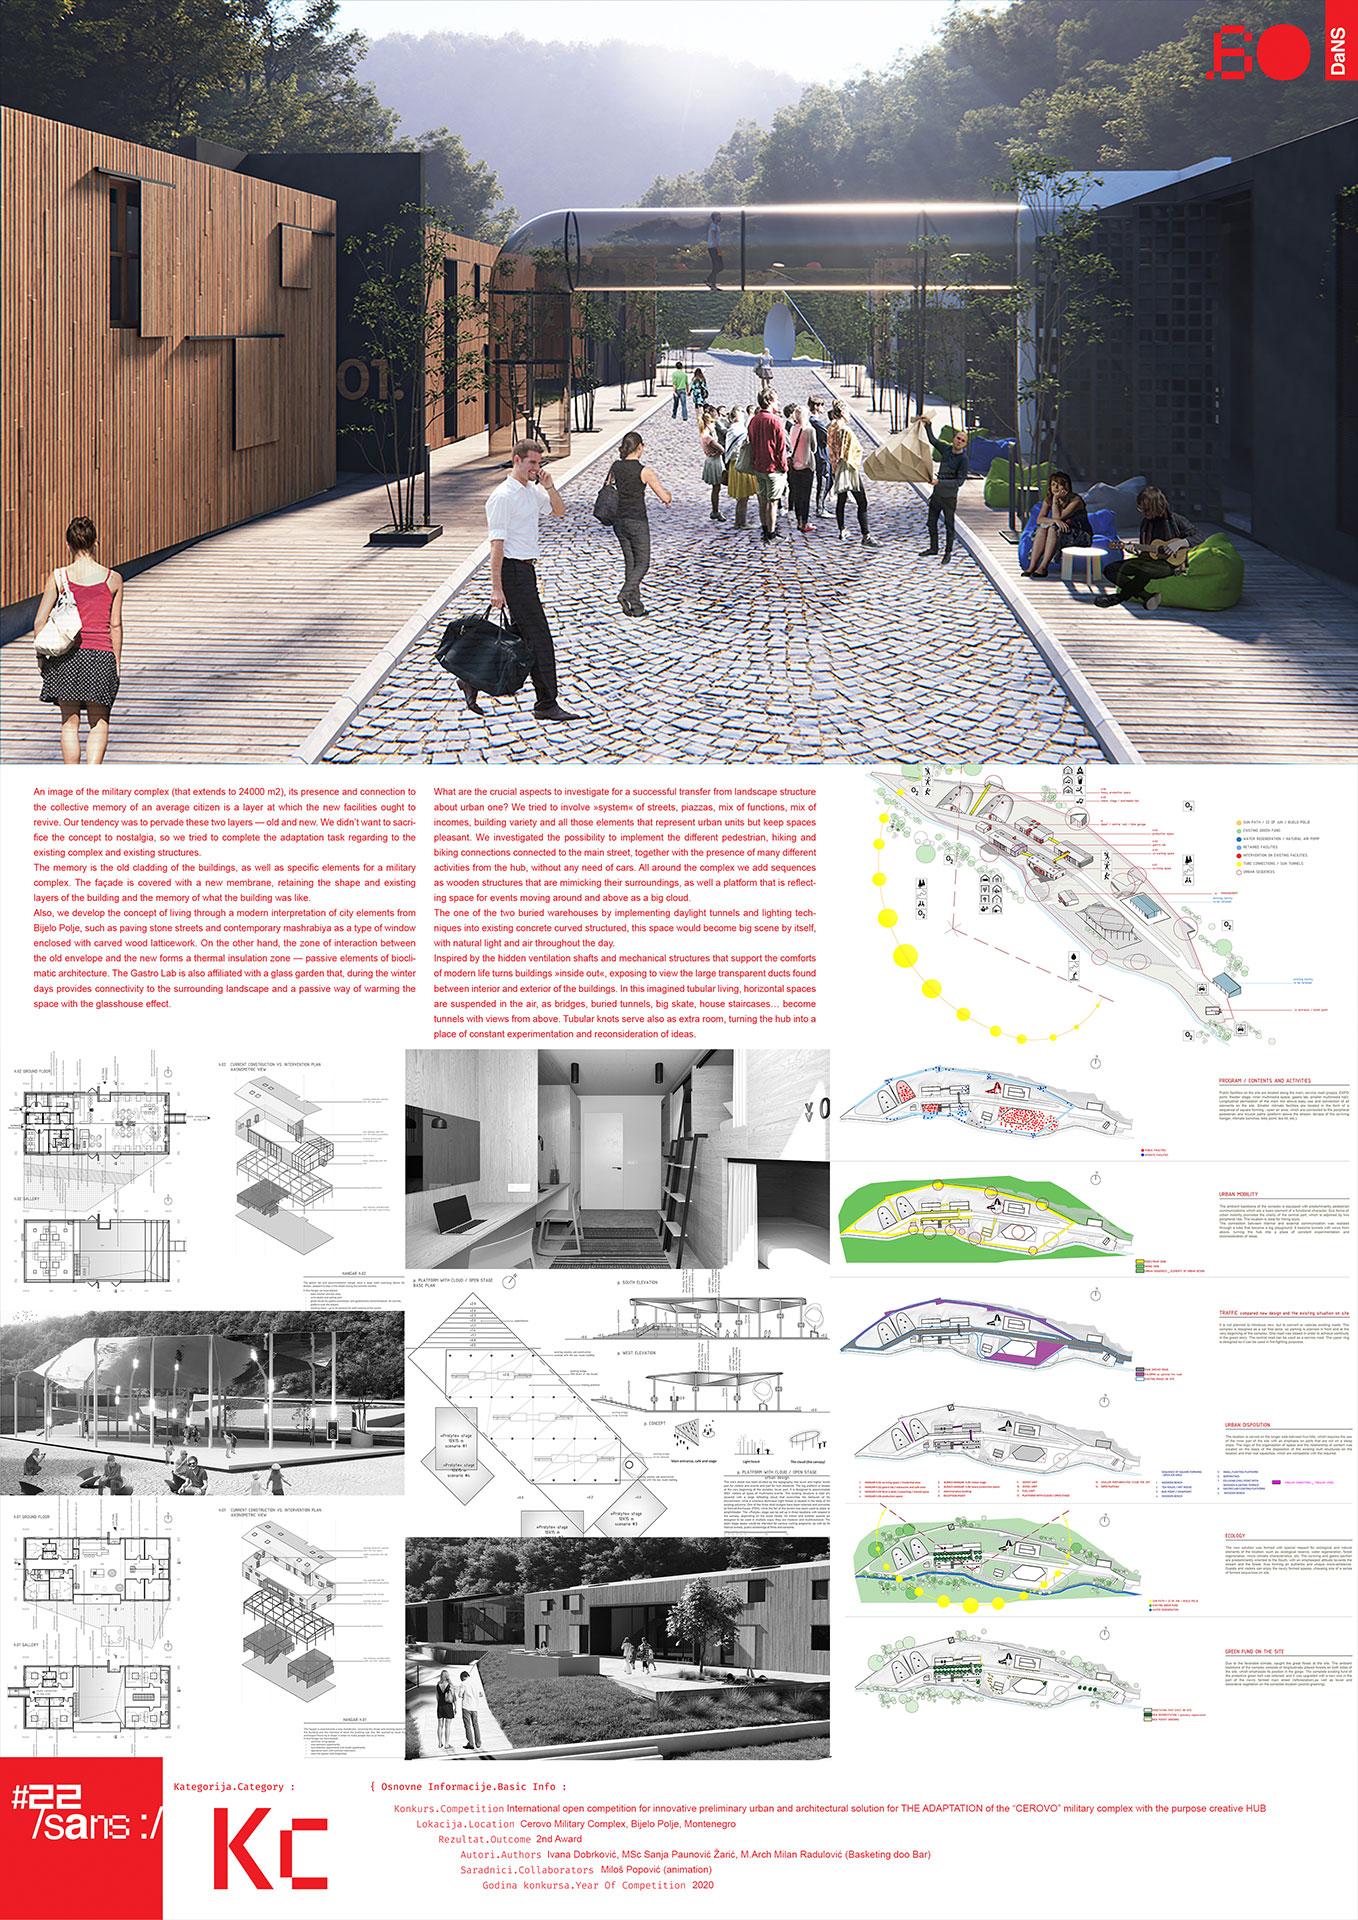 """<p class=""""naslov-br"""">kc42</p>Adaptacija vojnog kompleksa """"CEROVO"""" sa ciljem uspostavljanja Centra za razvijanje kreativnih industrija (HUB) u Bijelom Polju// THE ADAPTATION of the """"CEROVO"""" military complex with the purpose of establishing a Center for the development of creative industries (HUB) in Bijelo Polje"""